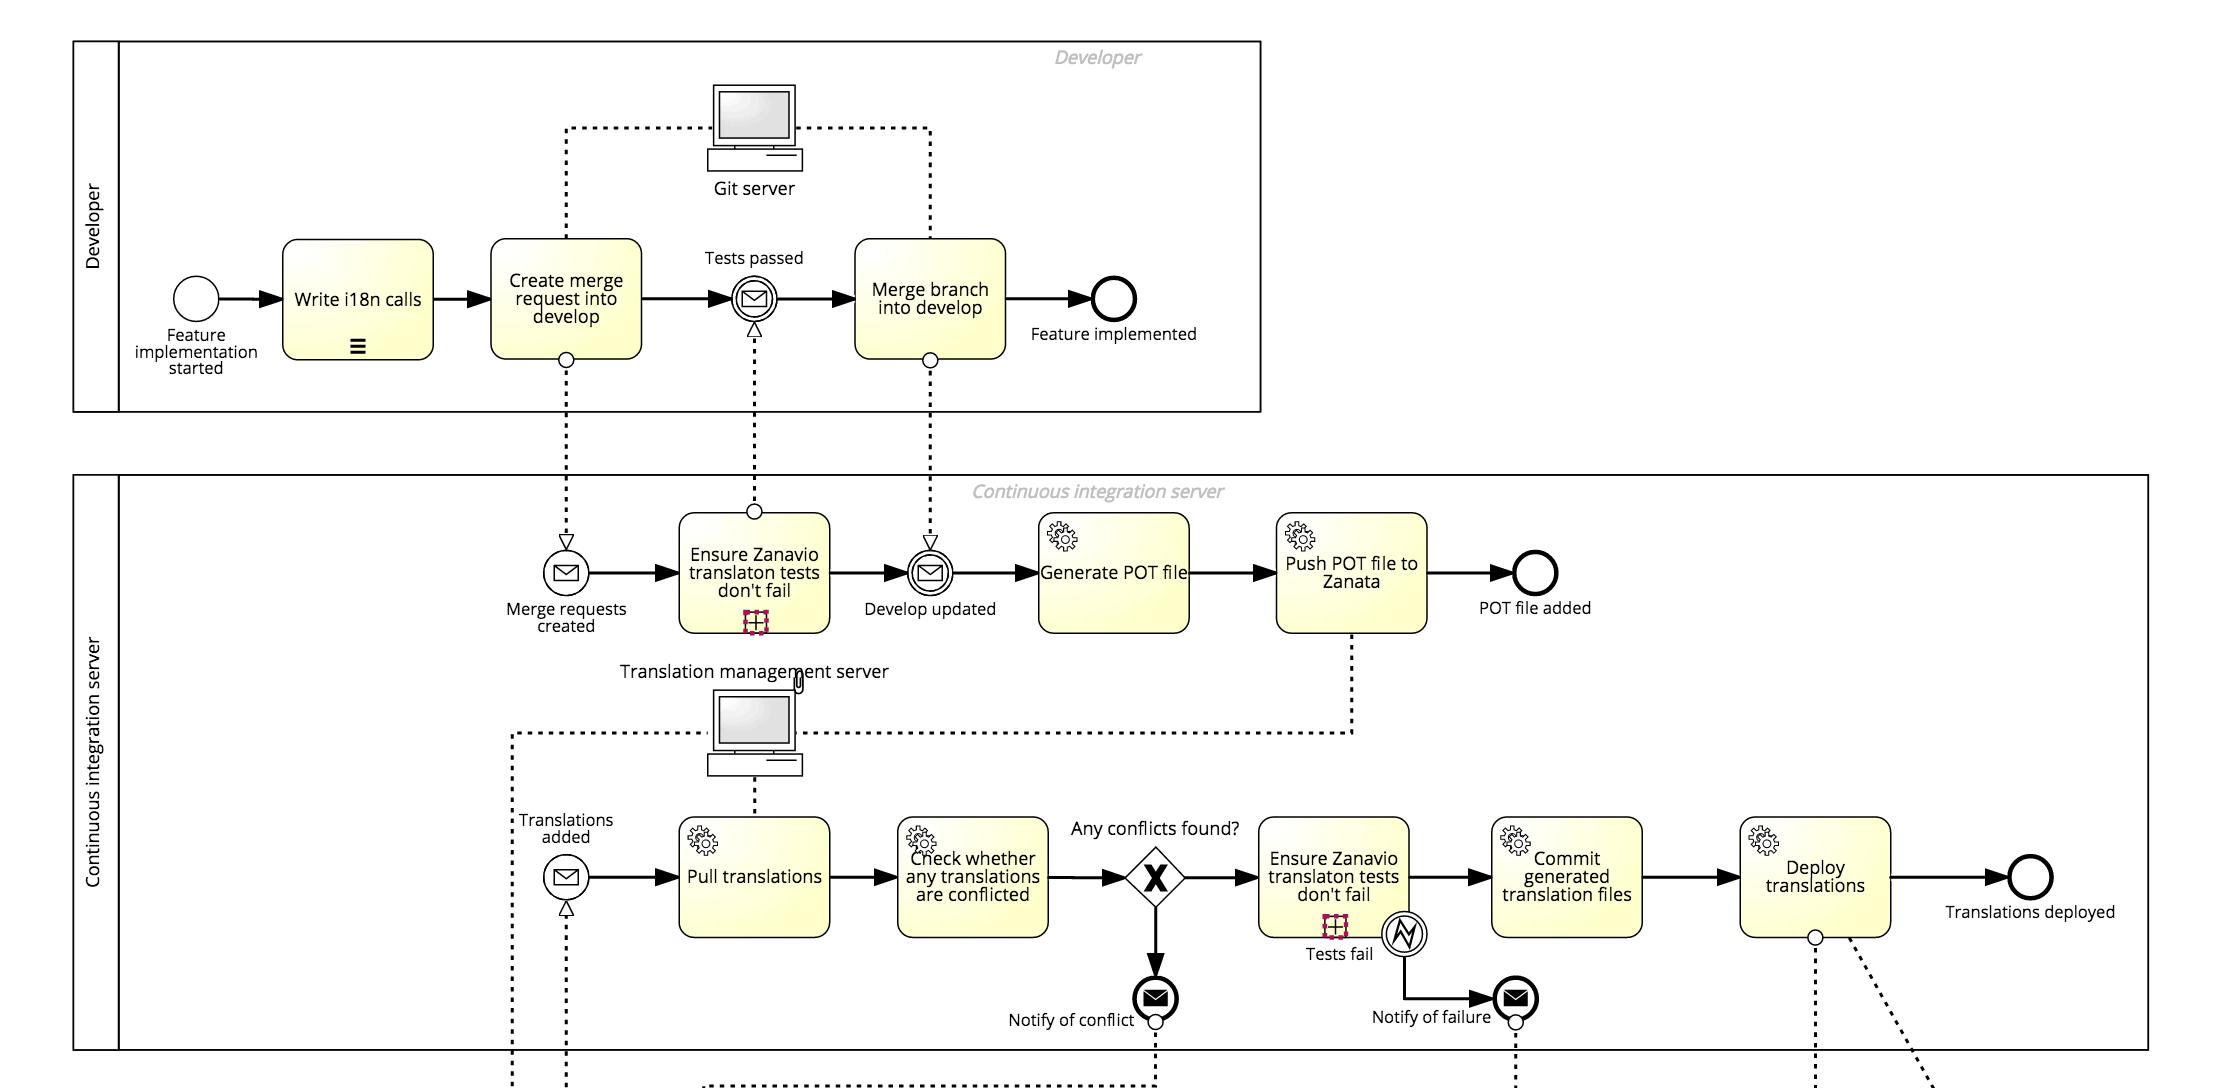 BPMN model